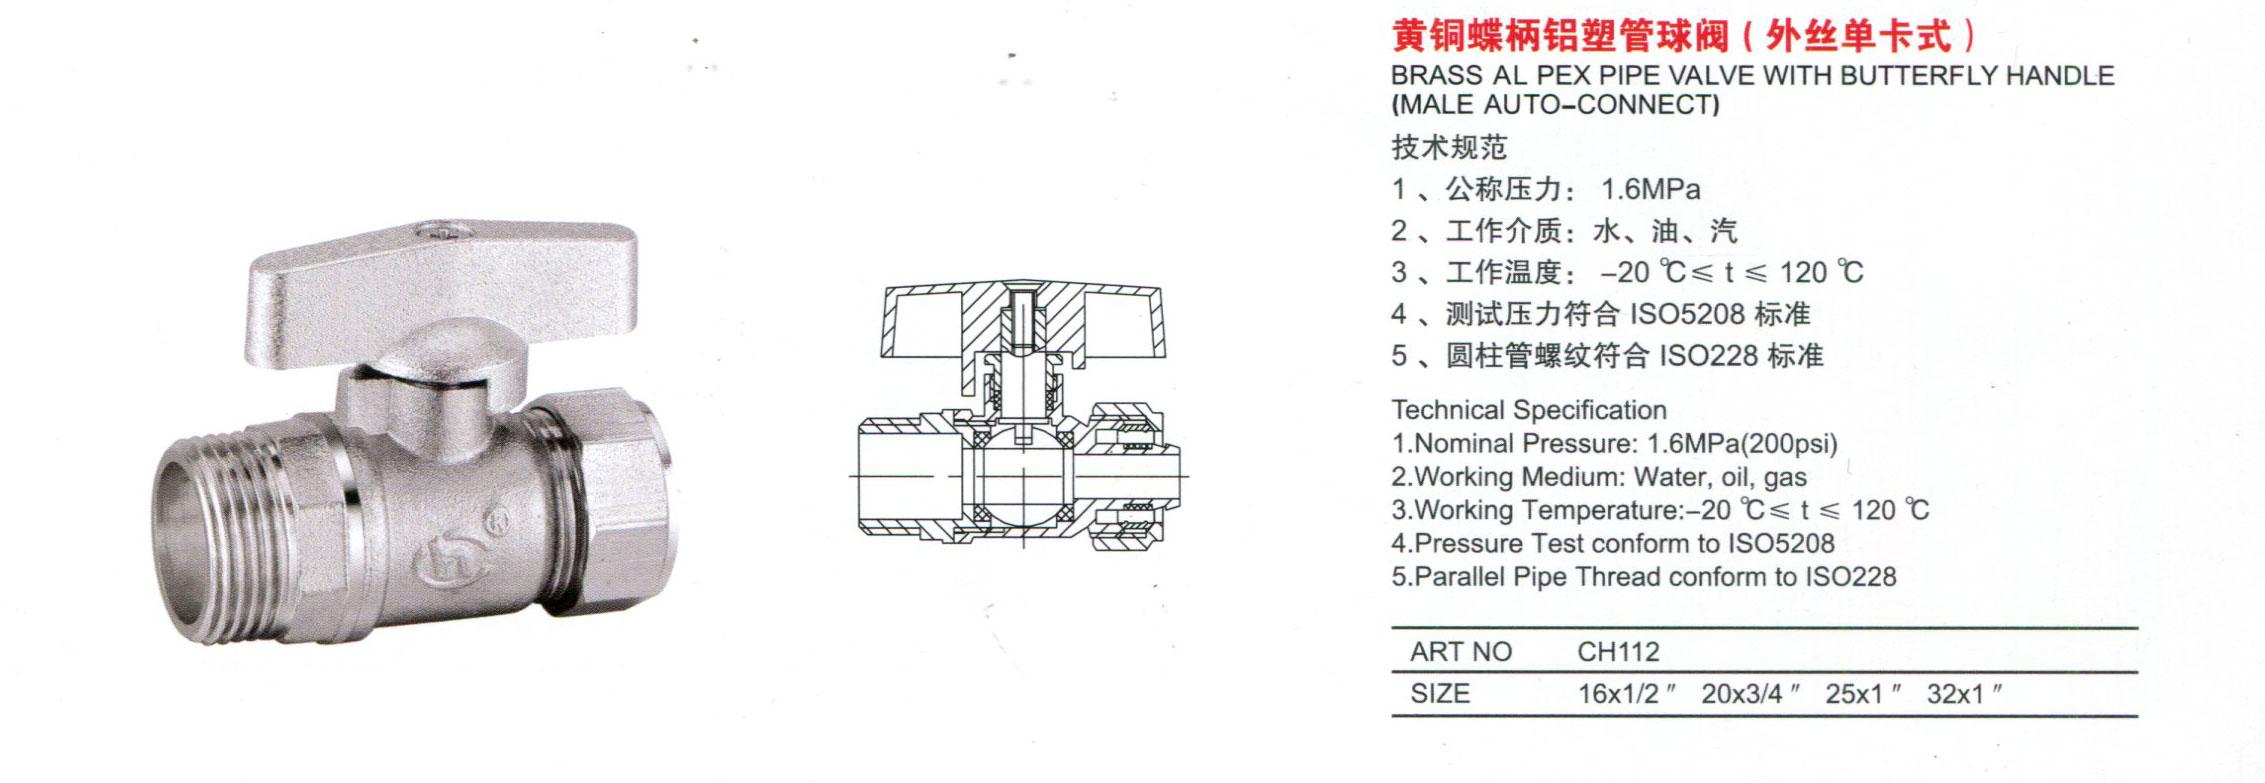 铝塑管球阀(外丝单卡式)河南科利莱暖通设备有按键微动开关图片